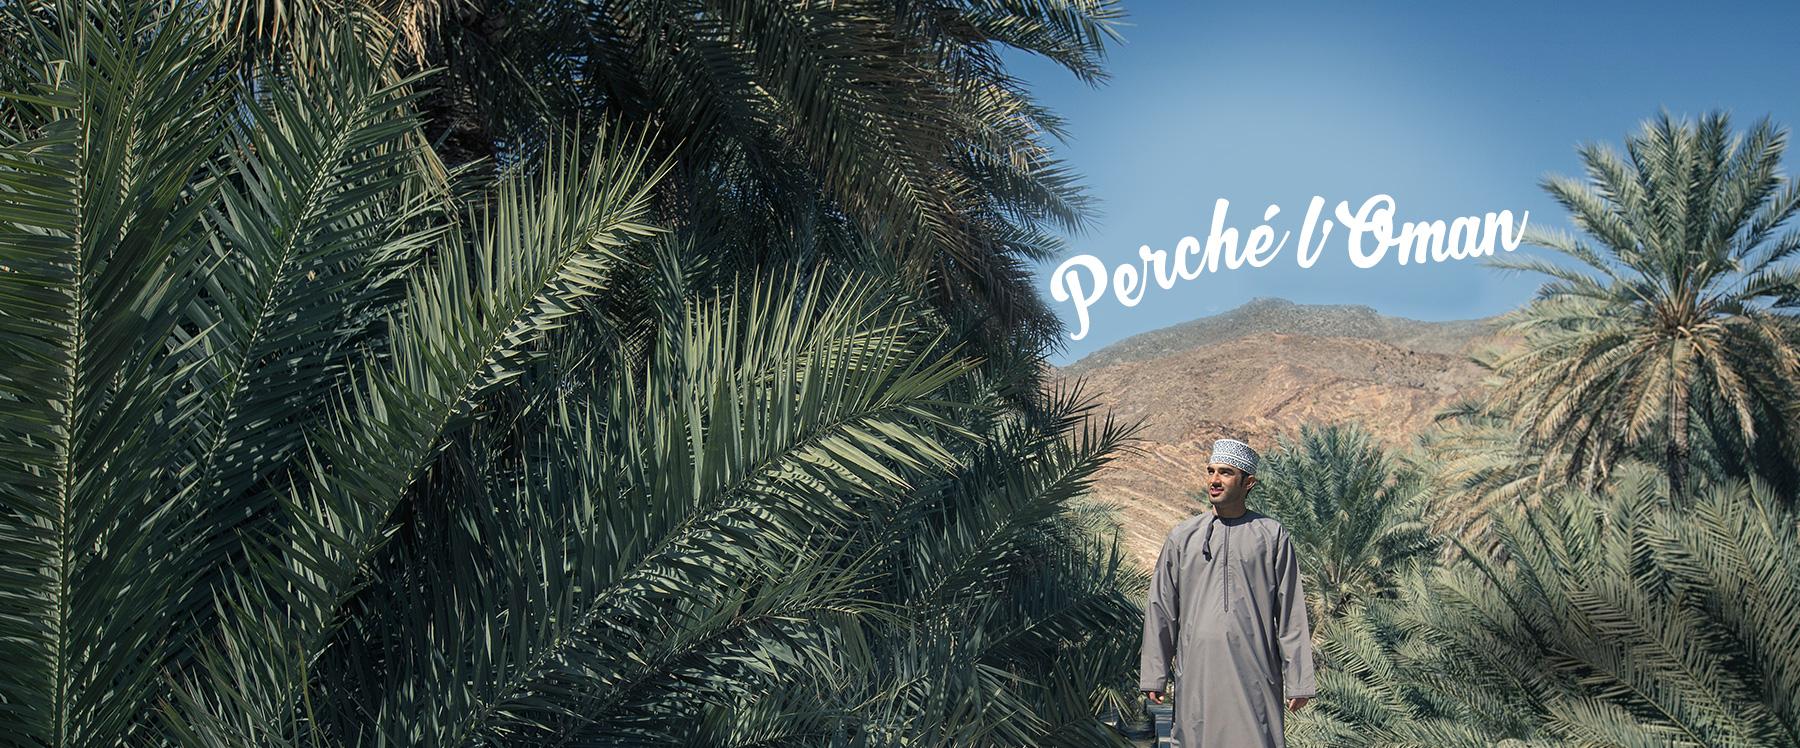 Perché l'Oman